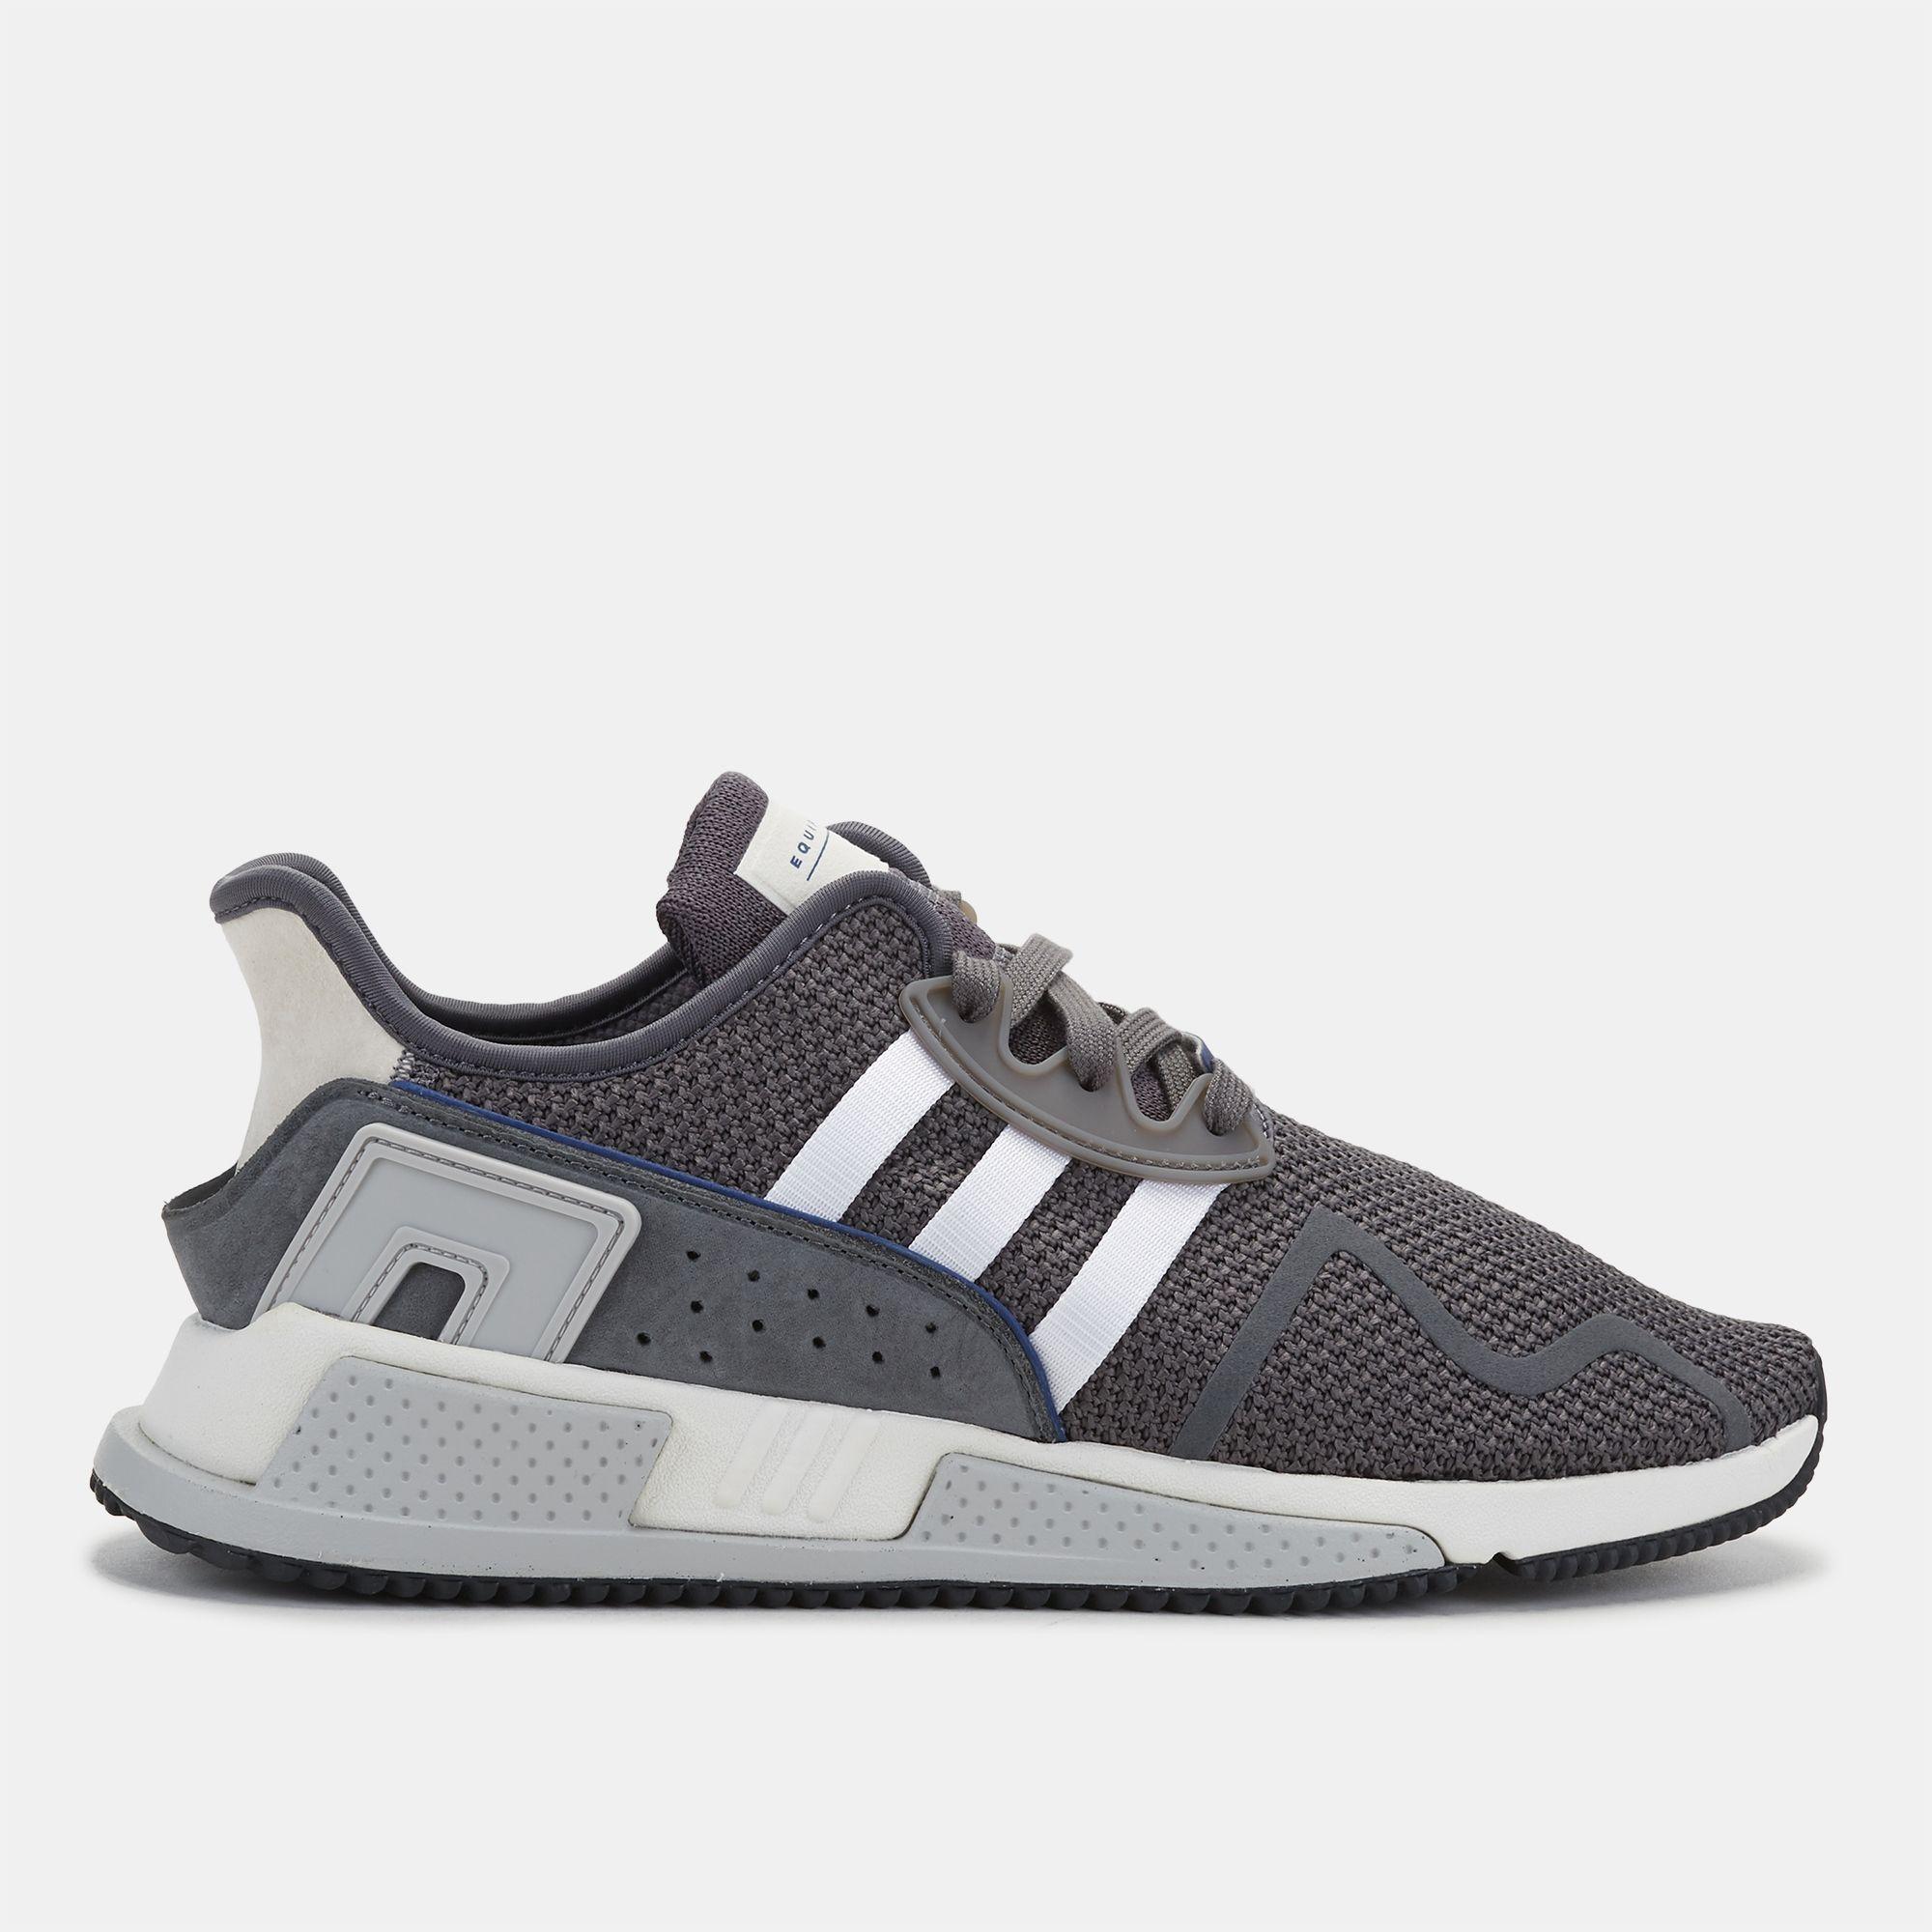 Adidas originali eqt cuscino avanzata scarpa scarpe scarpe uomini